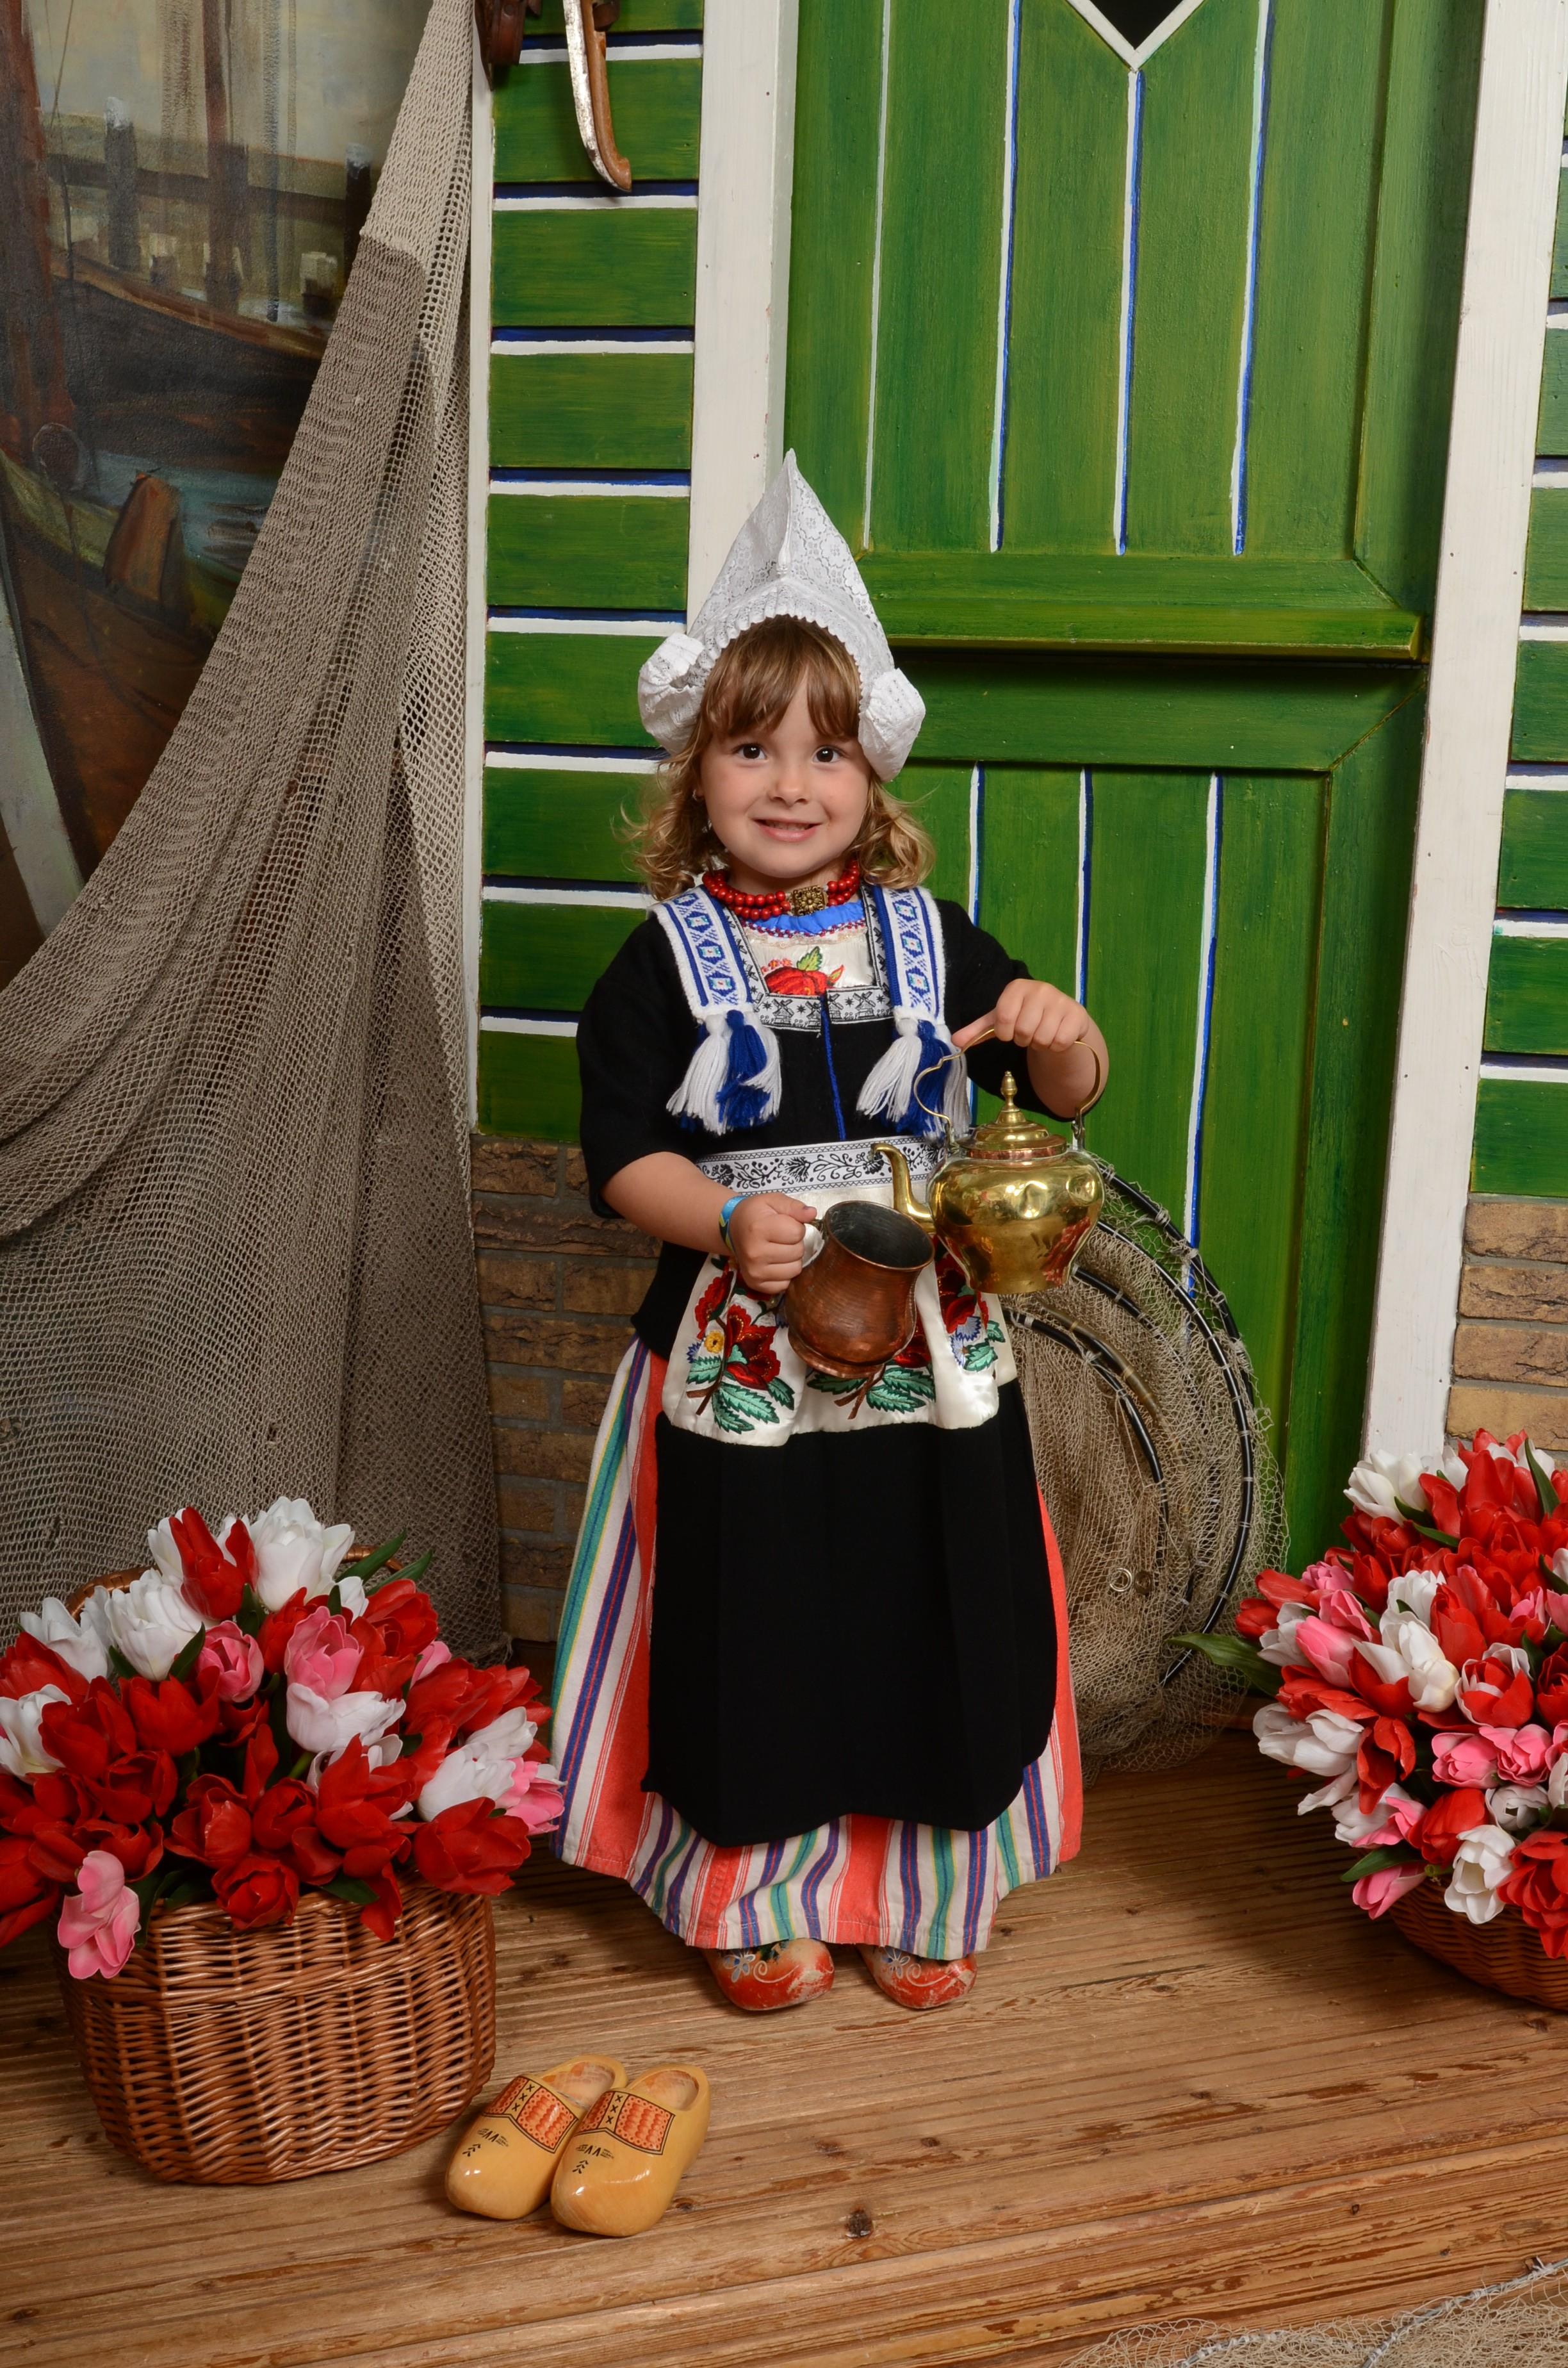 Child in Volendam cosume